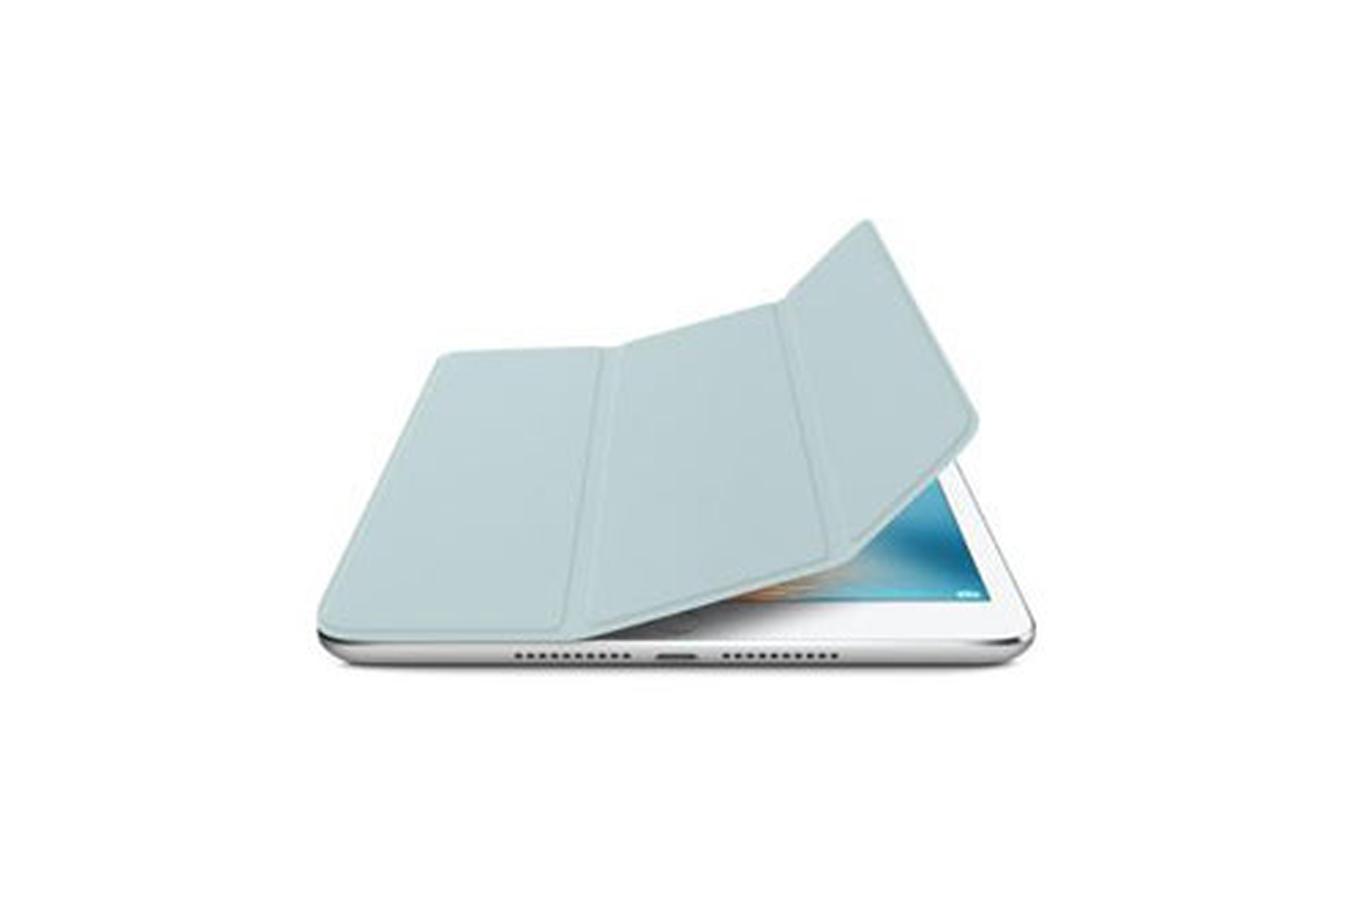 housse et tui pour tablette apple smart cover turquoise pour ipad mini 4 4167104 darty. Black Bedroom Furniture Sets. Home Design Ideas